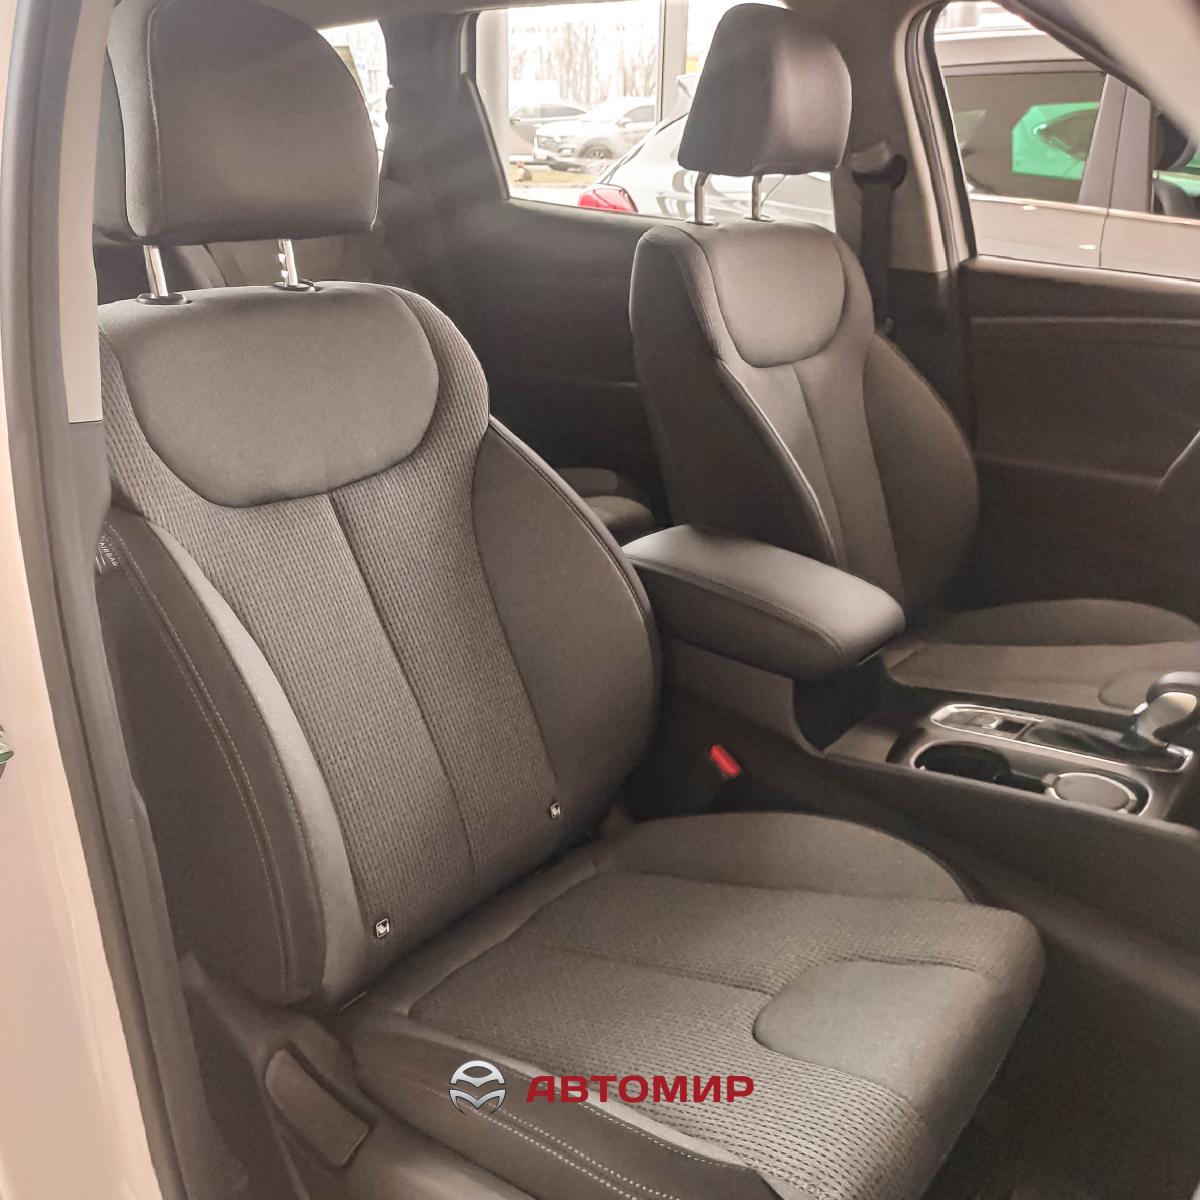 Теплі функції автомобілів Hyundai | Богдан-Авто Кіровоград - фото 10